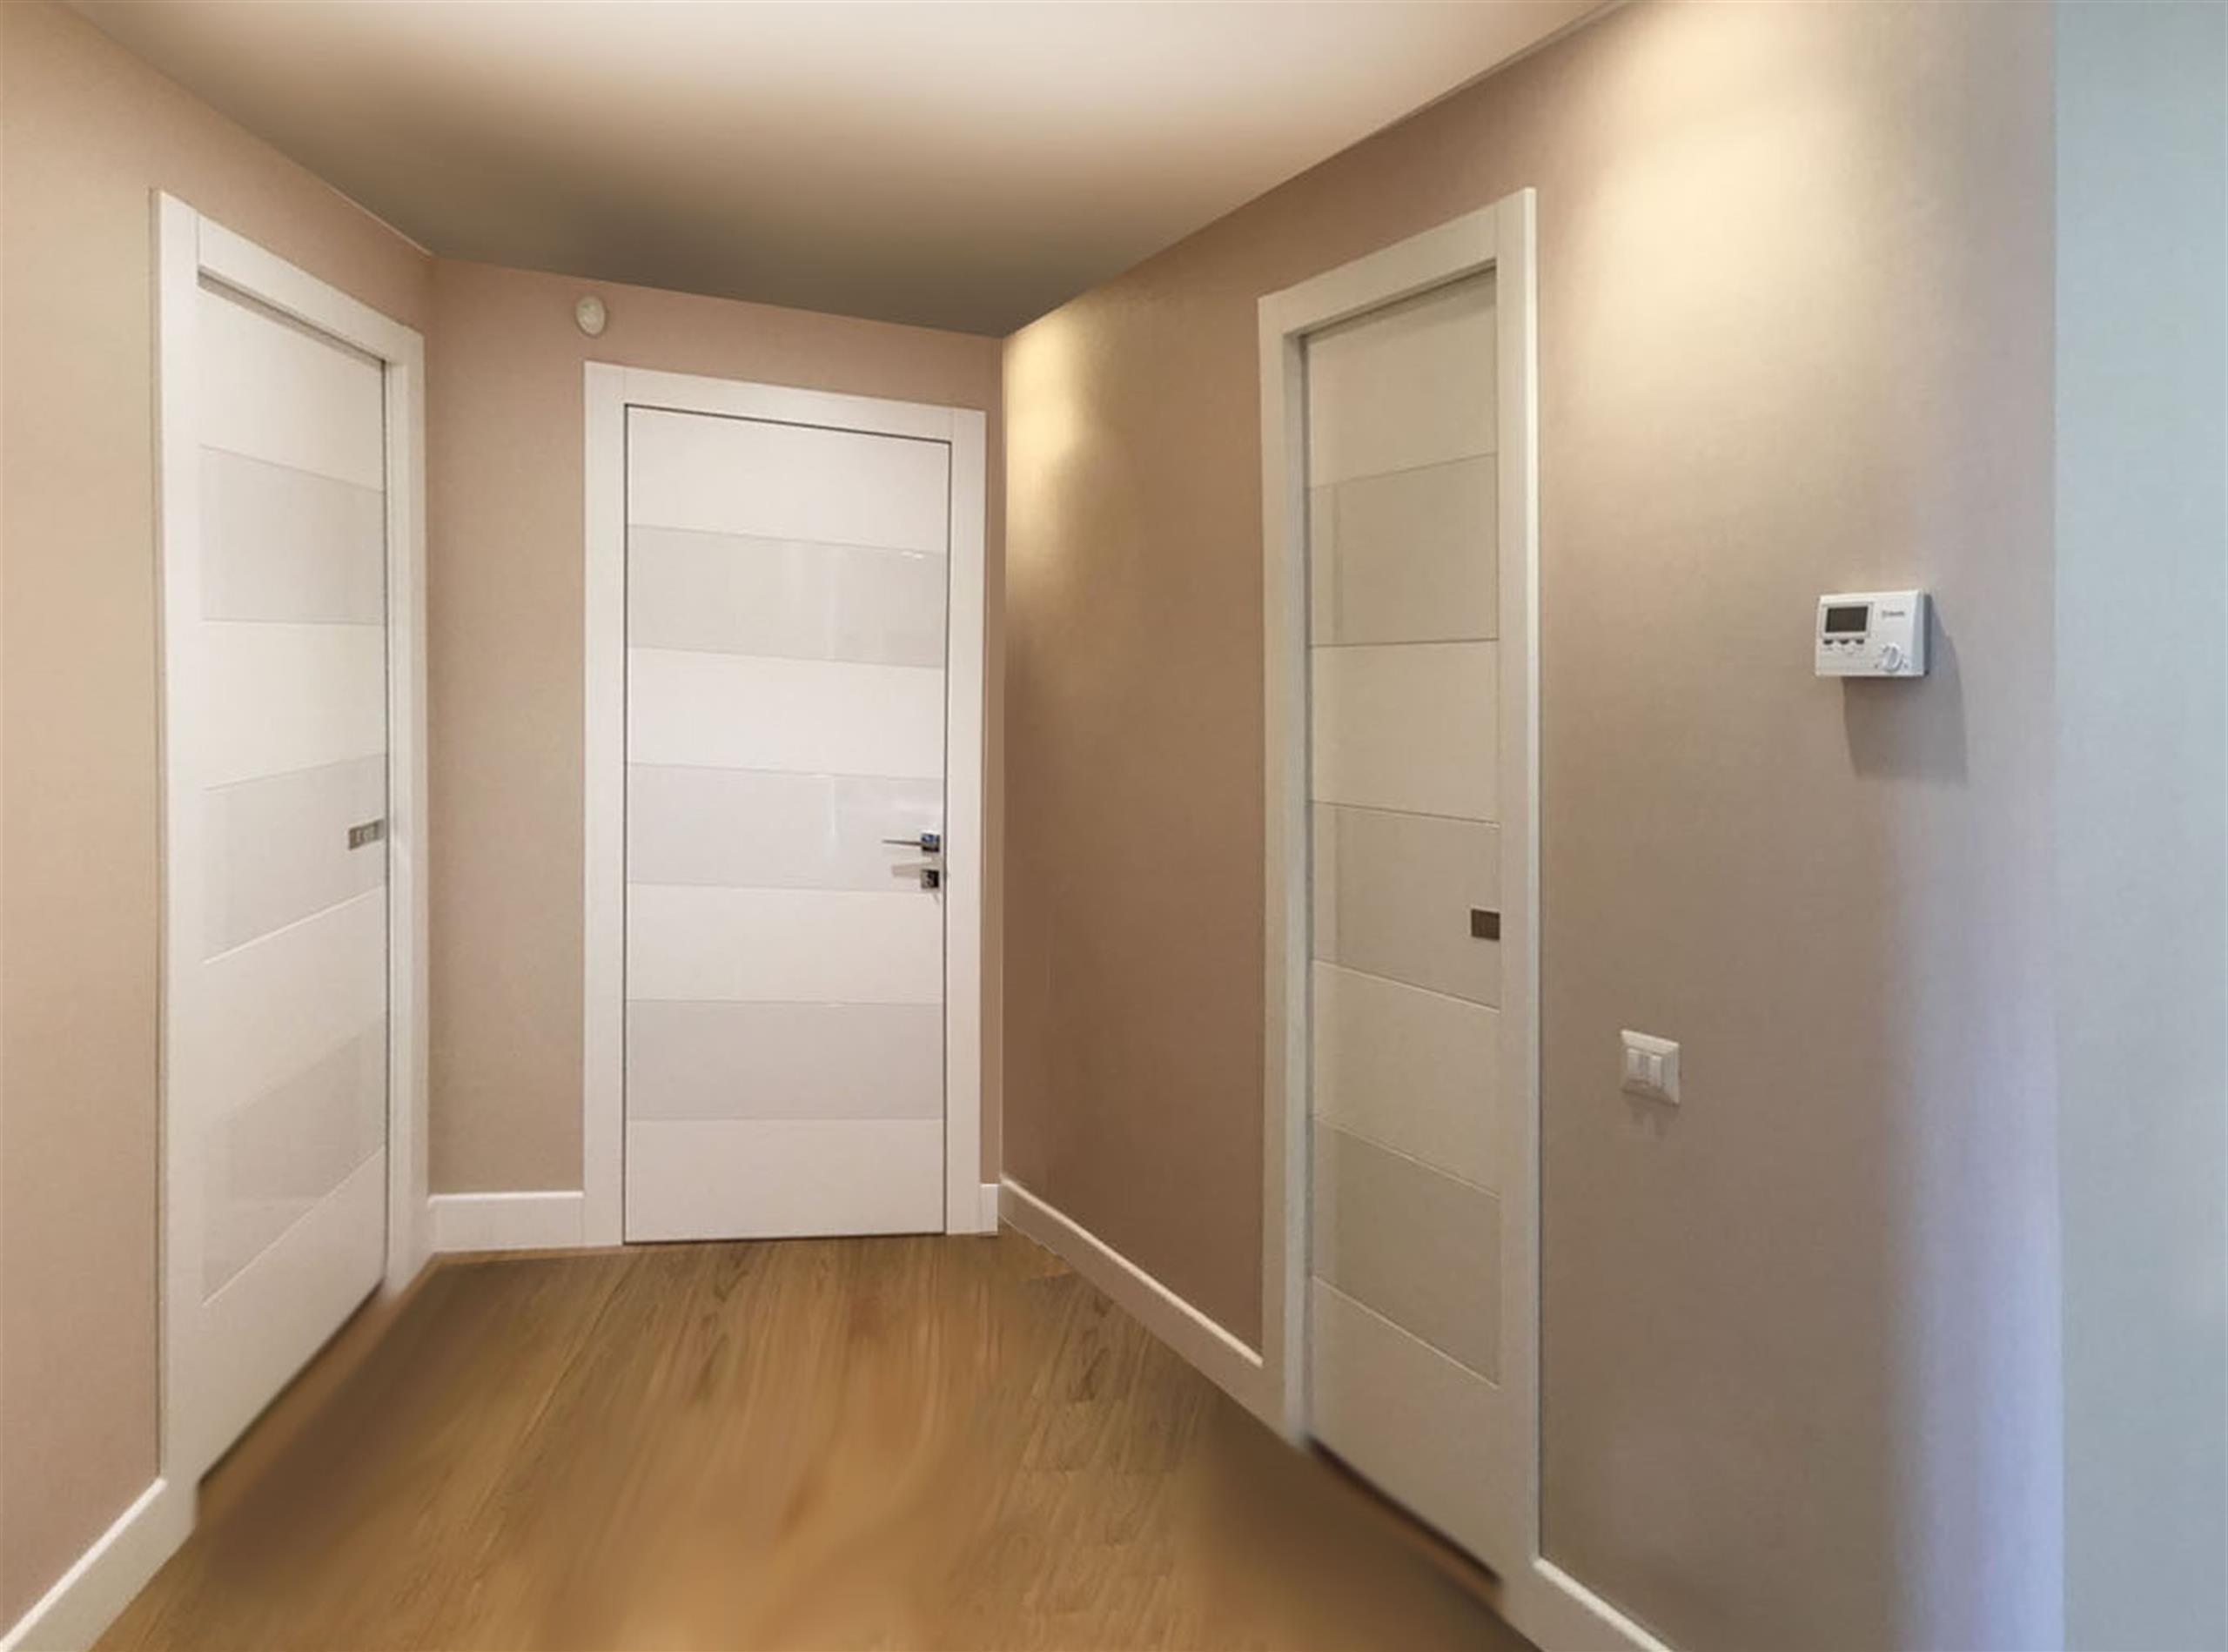 Porte Bianche Con Vetro